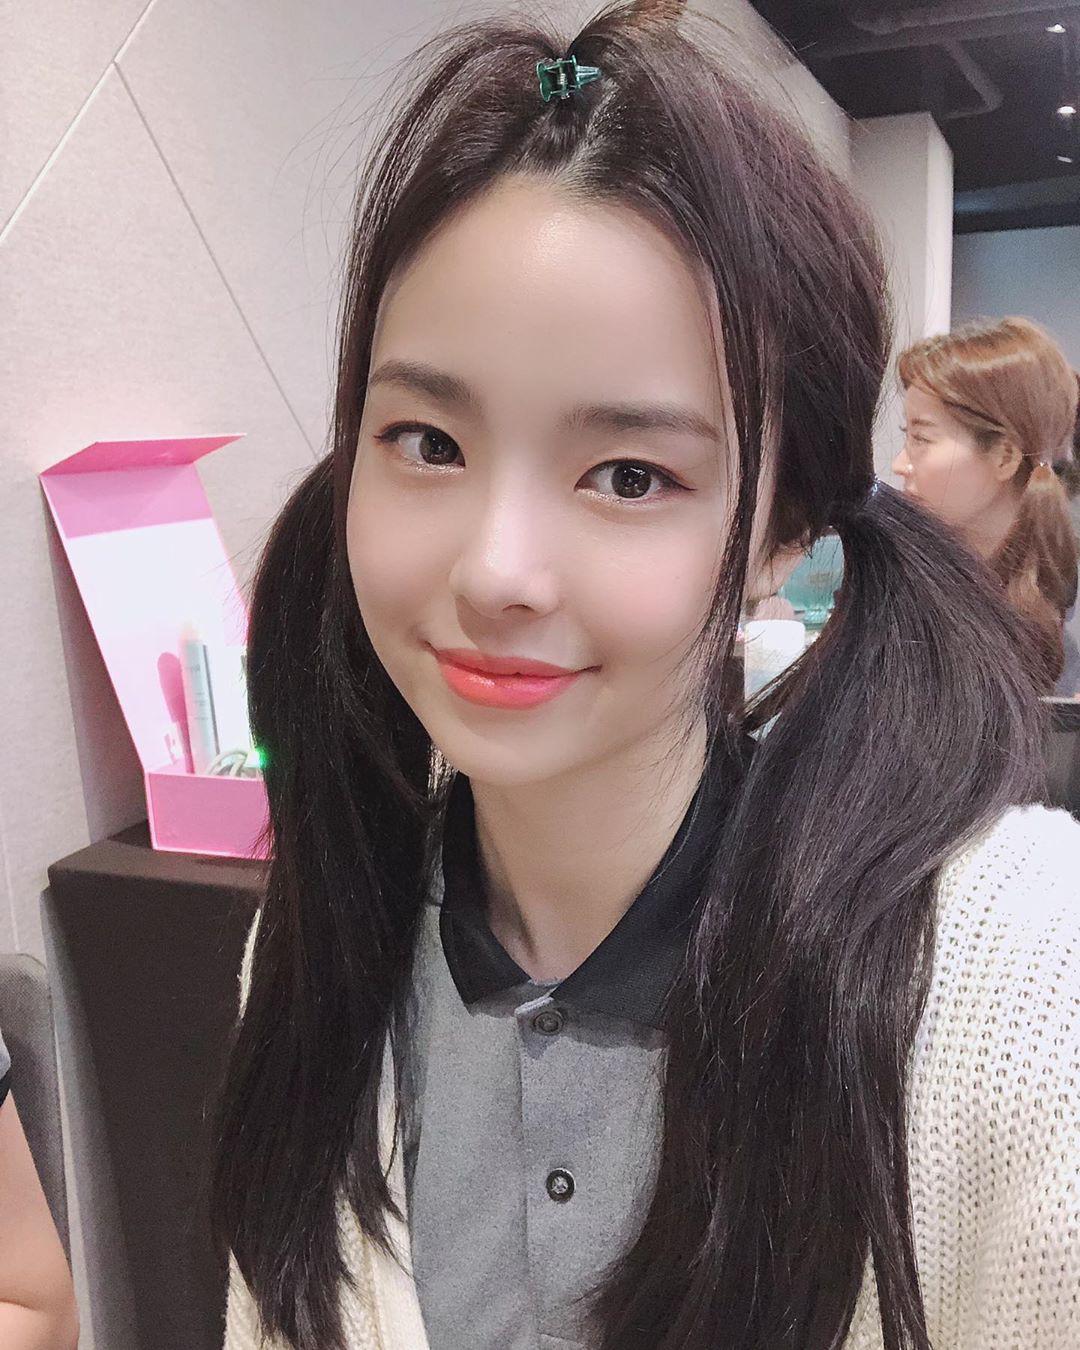 Tân Hoa hậu Hàn Quốc 2019: makeup càng nhạt lại càng xinh, nổi bật nhất là khi lên đồ đơn giản - Ảnh 6.